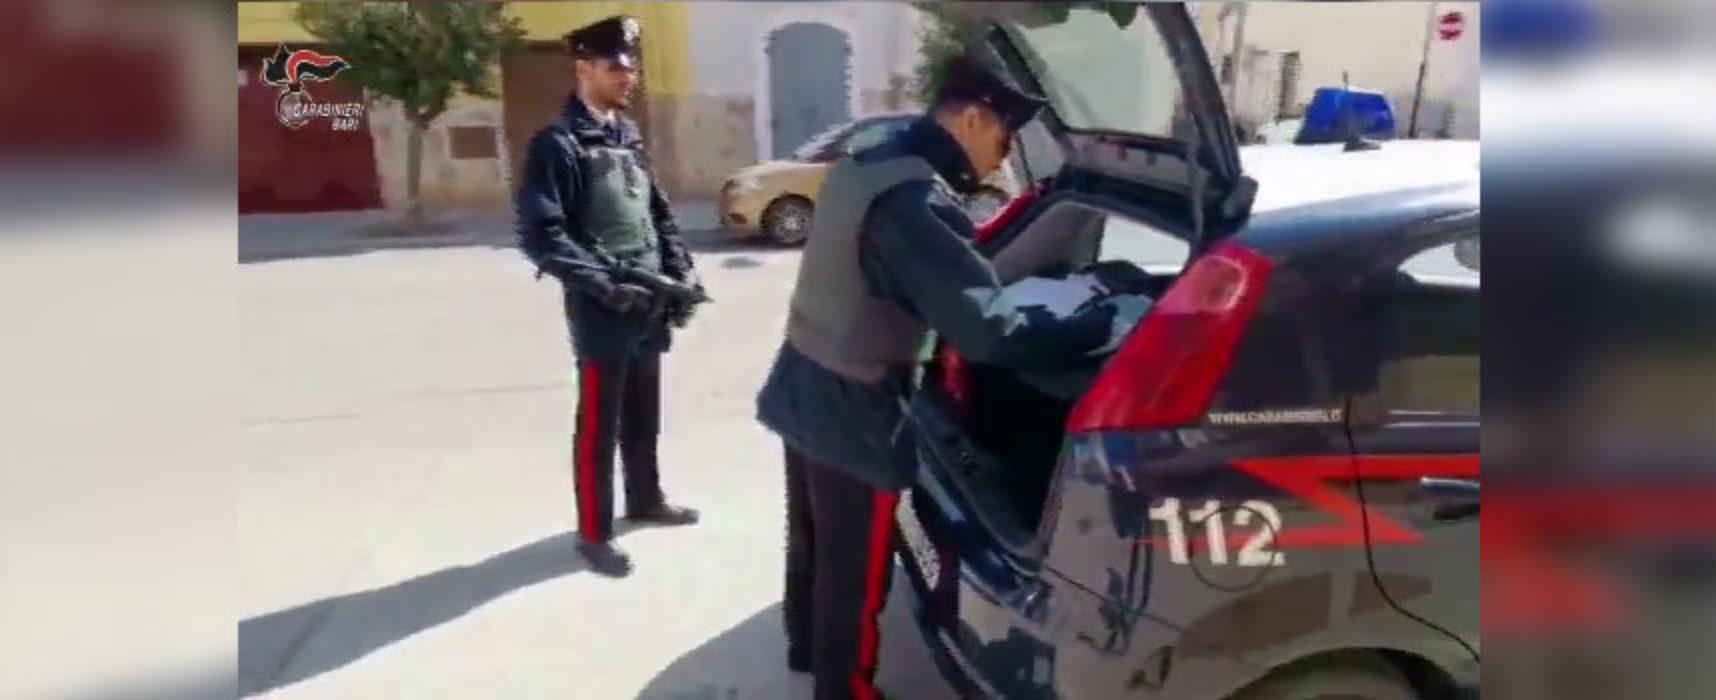 Oltre 400 militari impegnati a Pasqua su Bari e Bat per sicurezza e misure anti covid